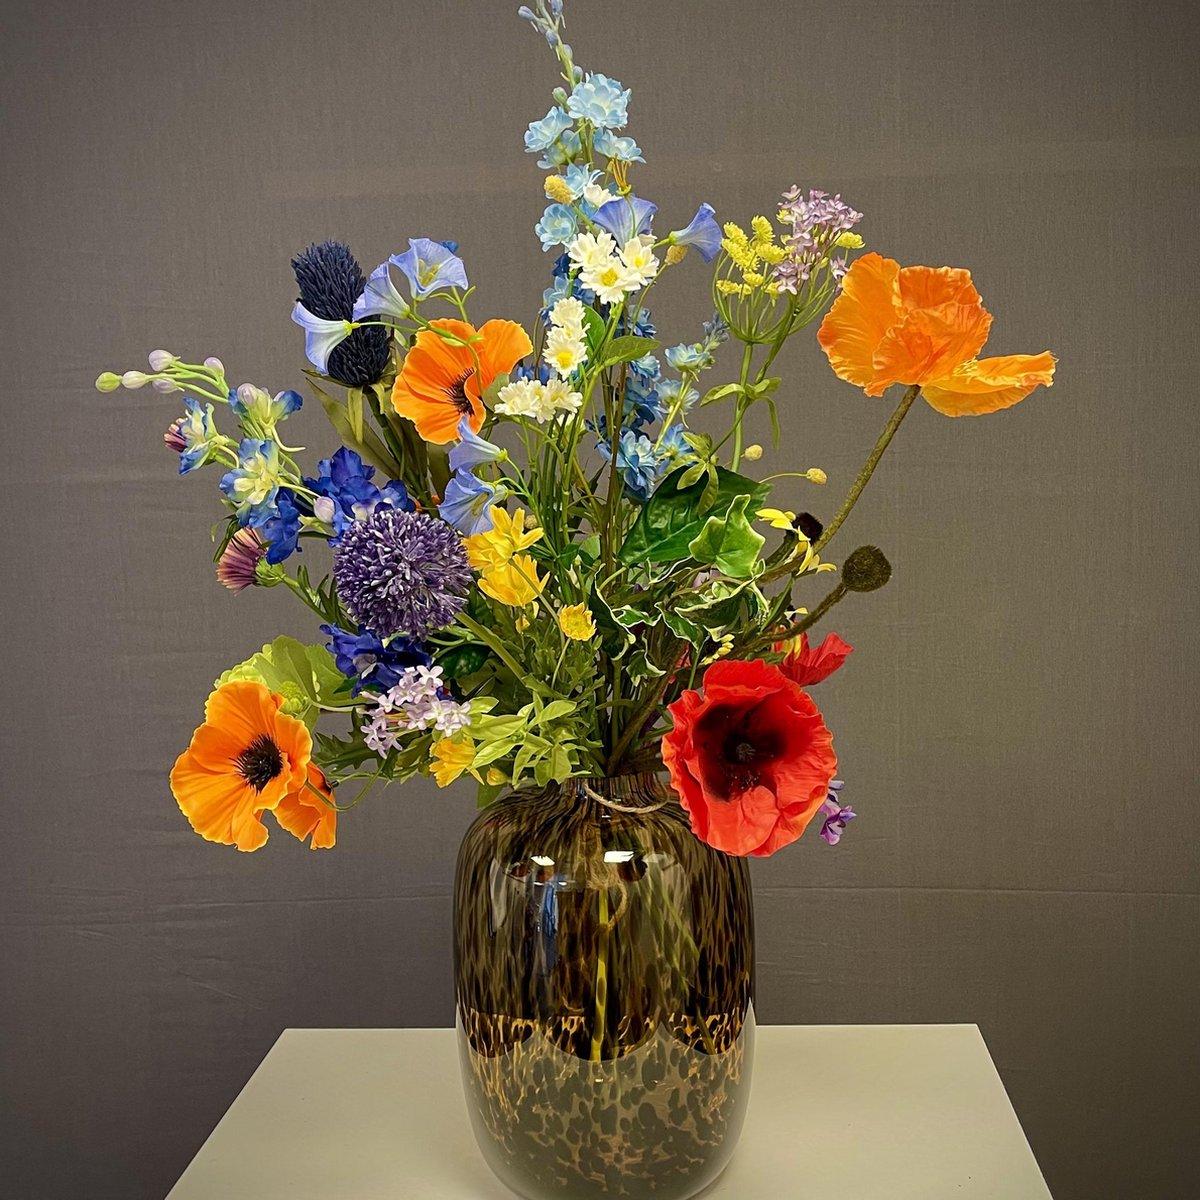 Cadeau voor Oma - Mooie kunstbloemen